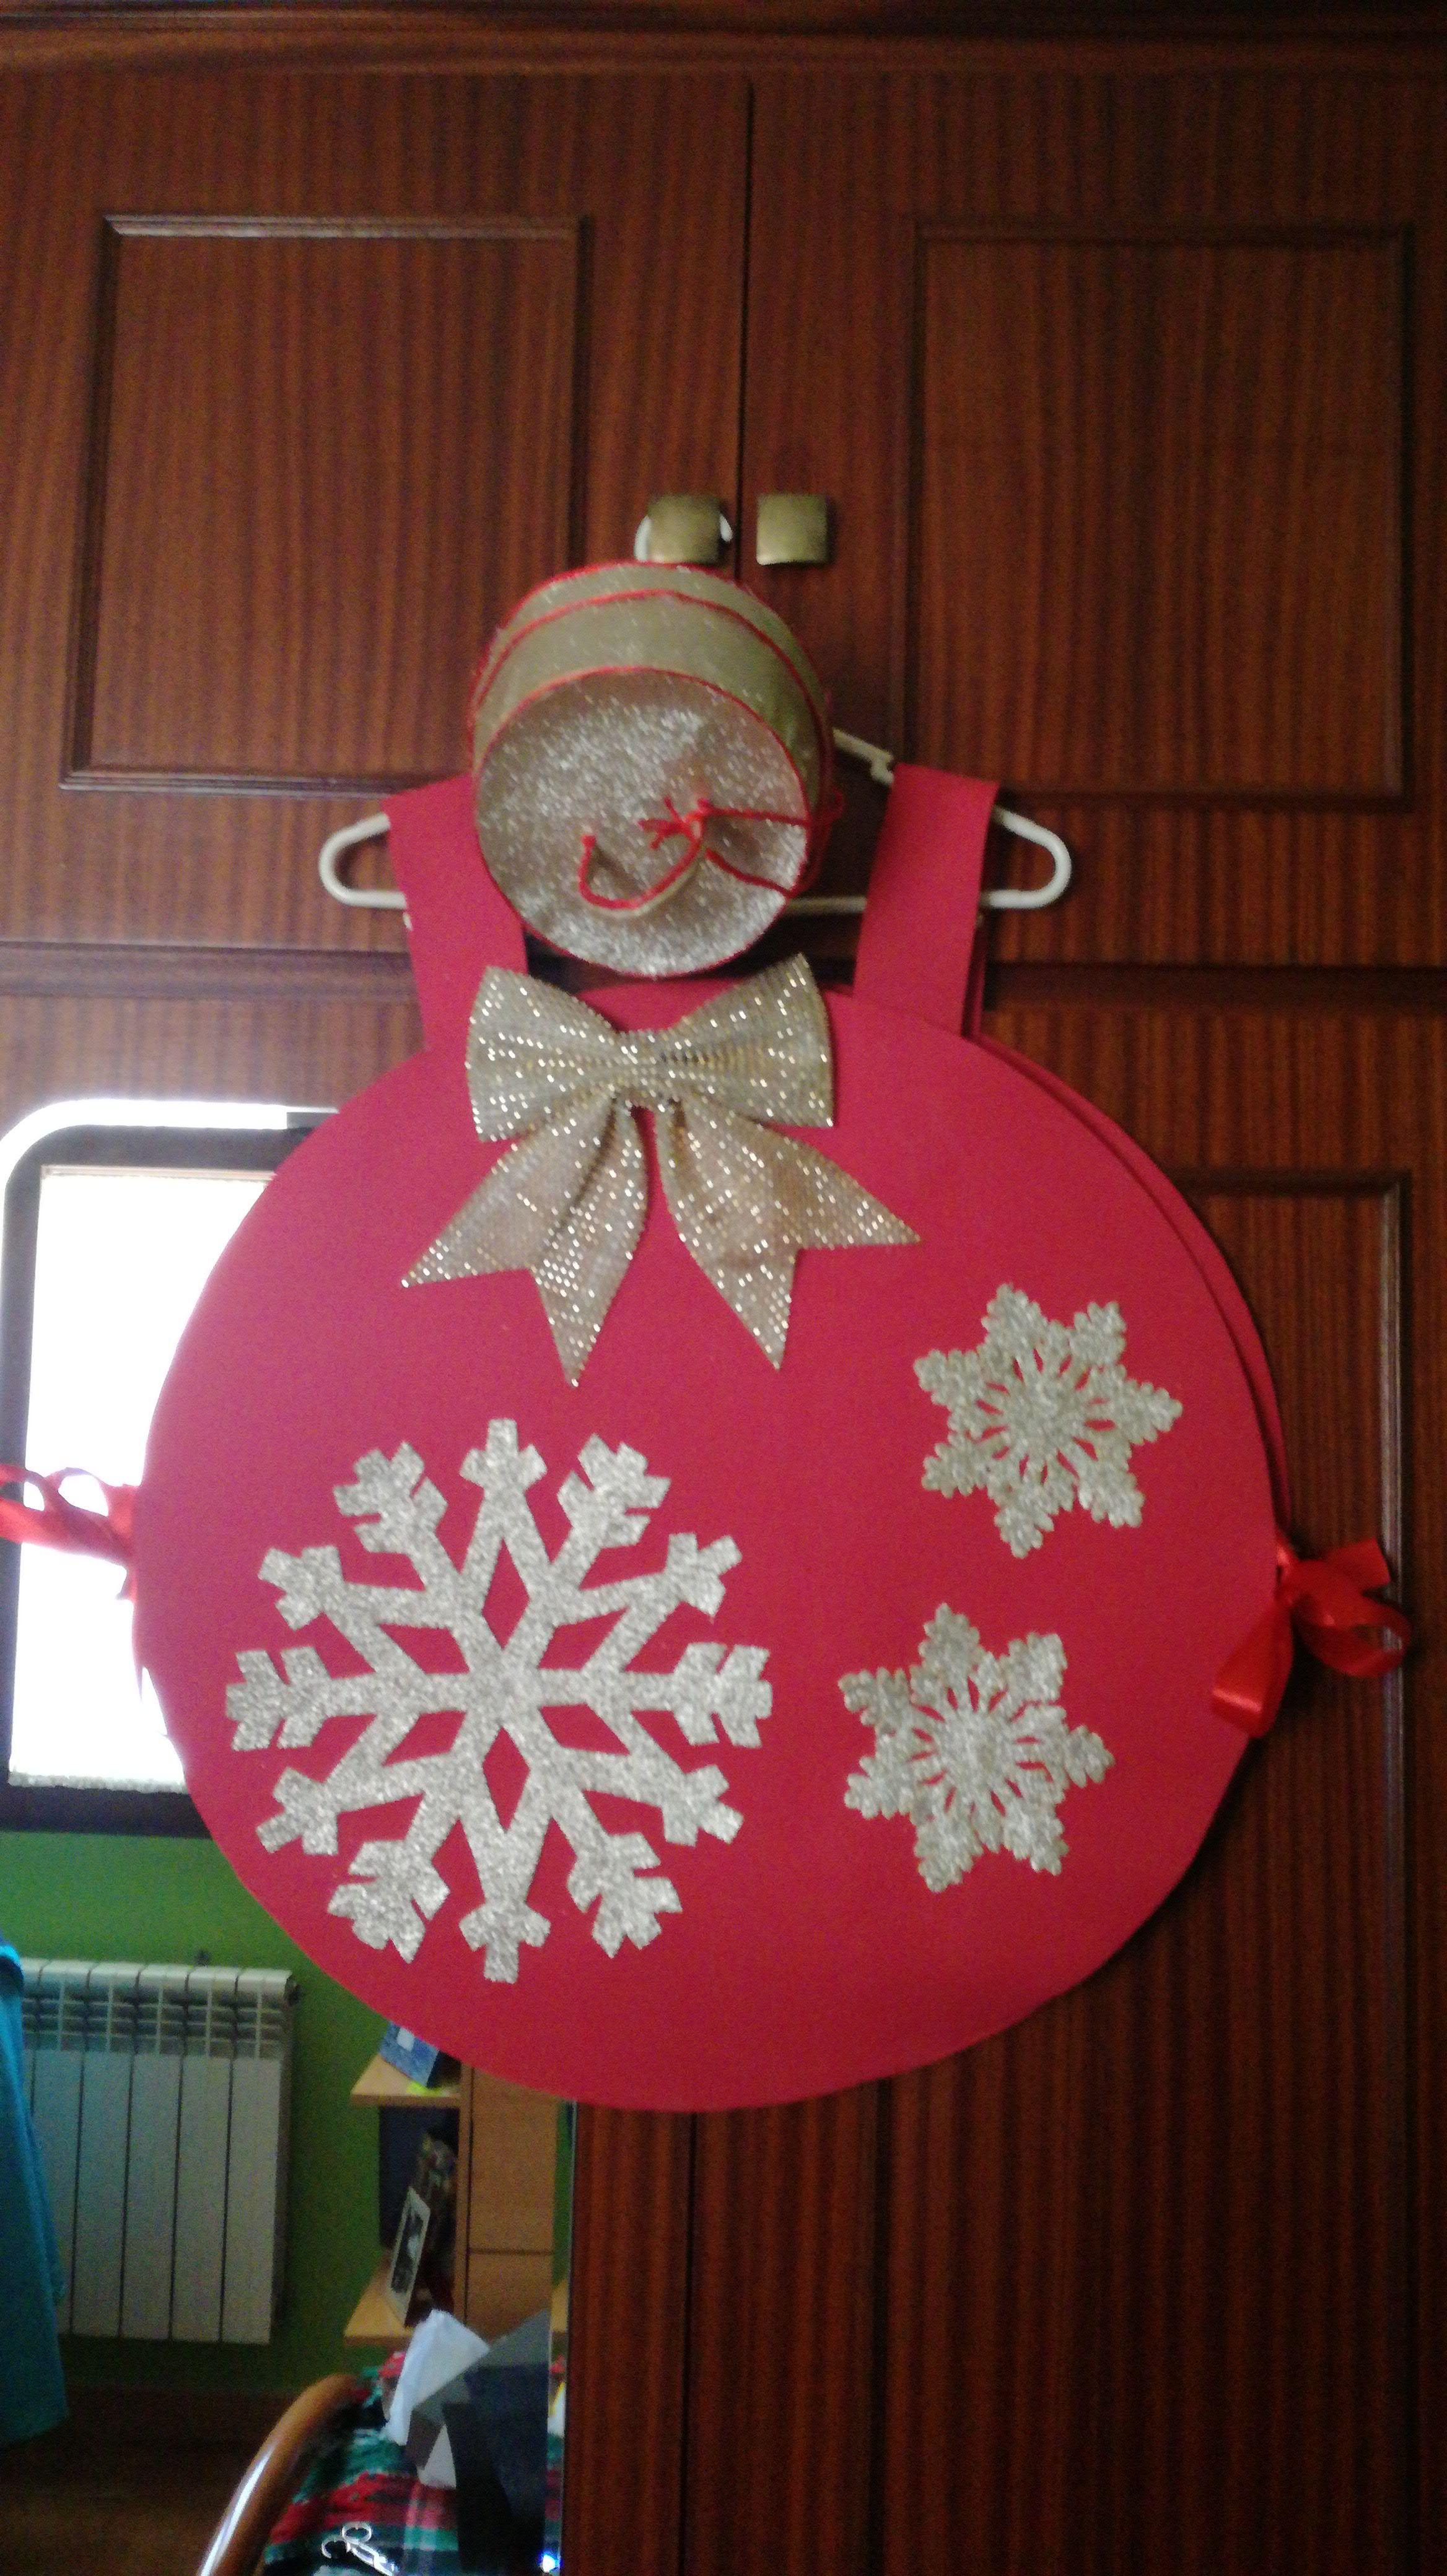 Disfraz Bola árbol De Navidad Disfrases De Navidad Disfraz De árbol De Navidad Disfraces Navidad Niños